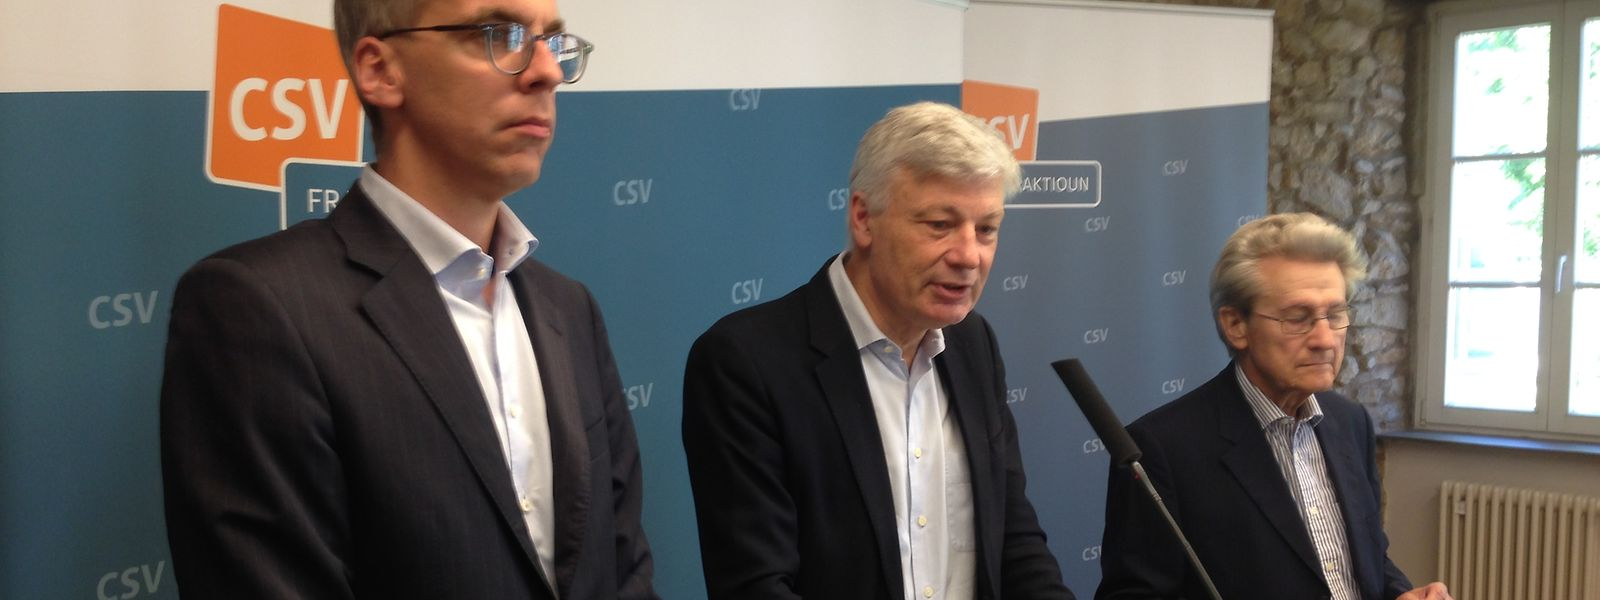 Die CSV spricht sich gegen eine große Verfassungsreform in dieser Legislaturperiode aus.